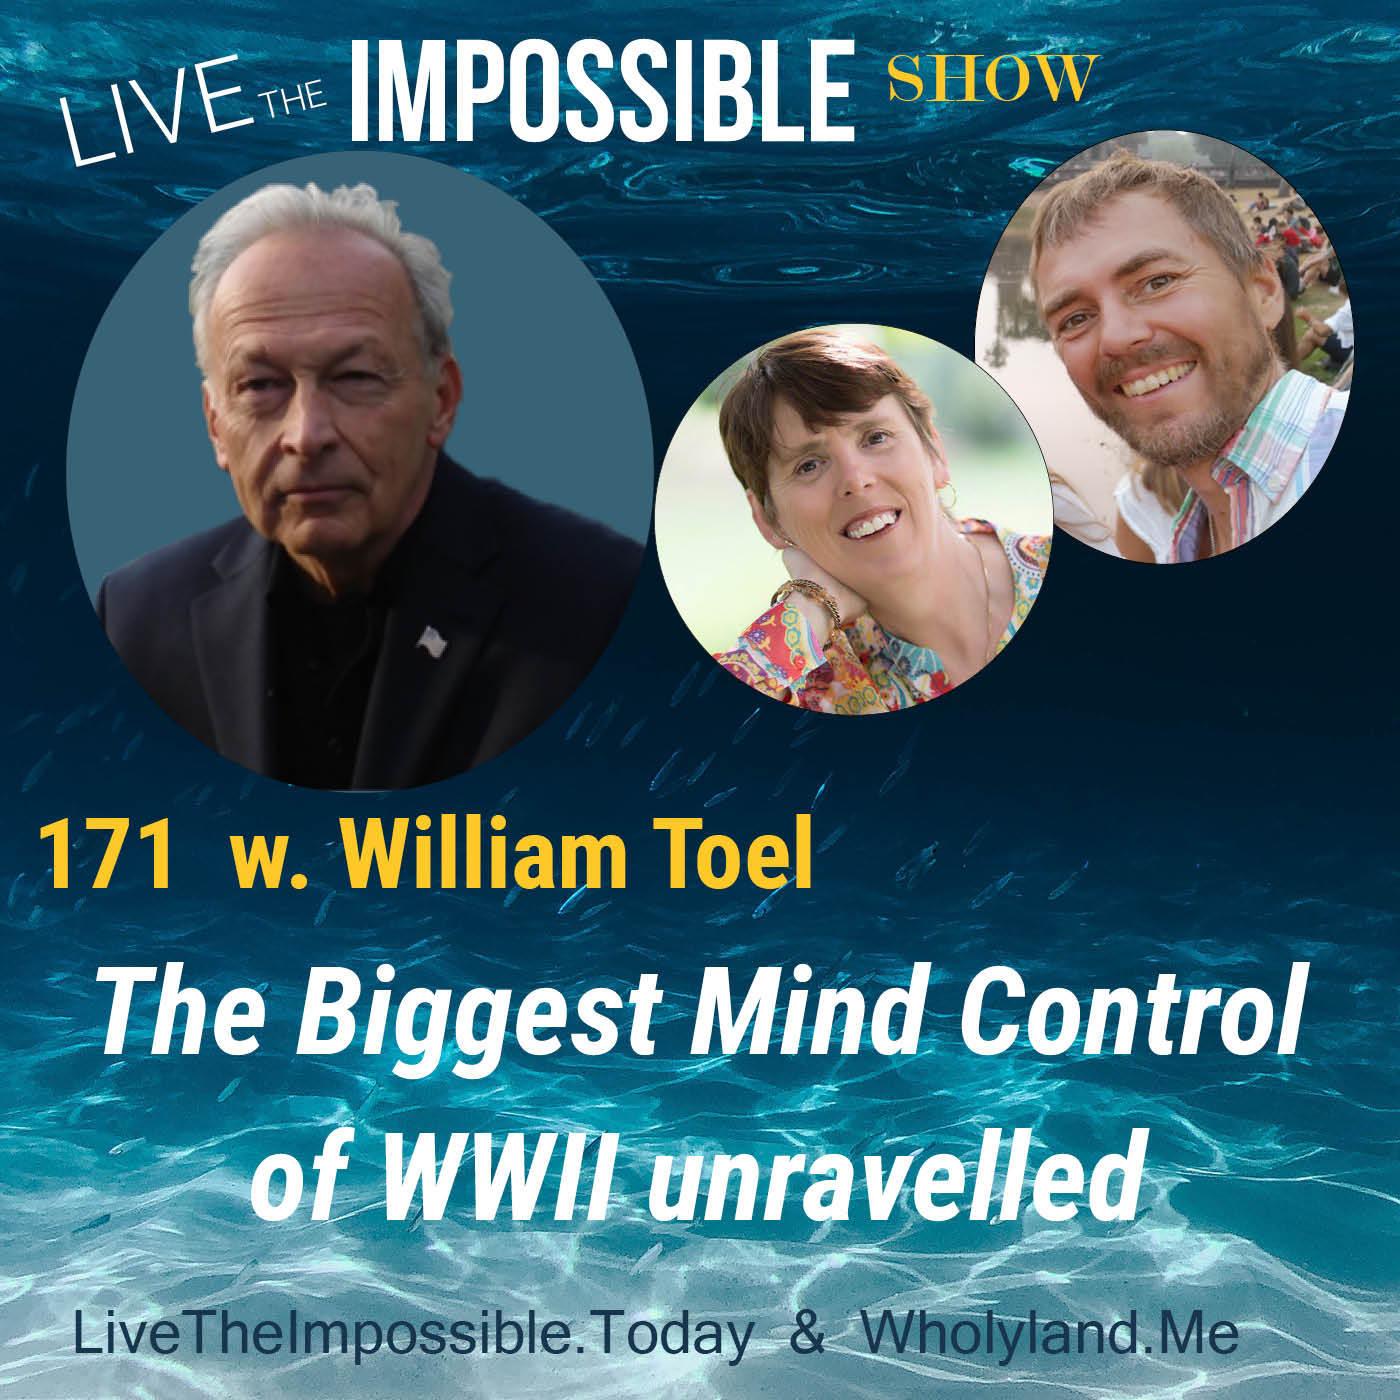 William Toel